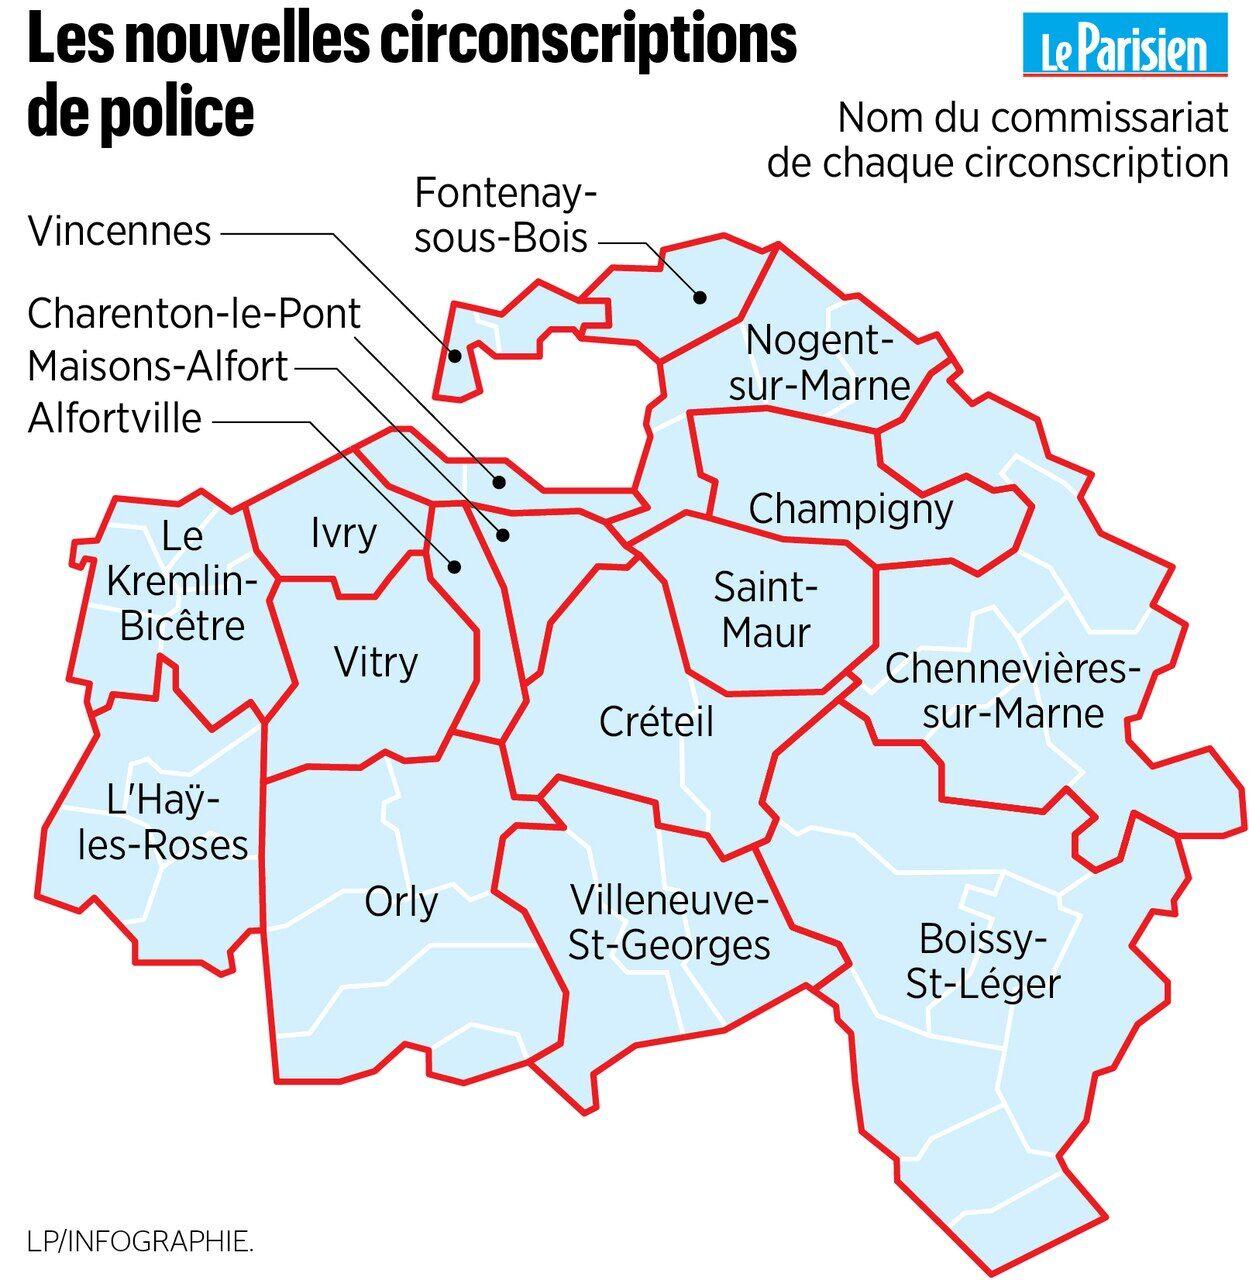 carte circonscription val d oise Val de Marne : la nouvelle carte des circonscriptions de police